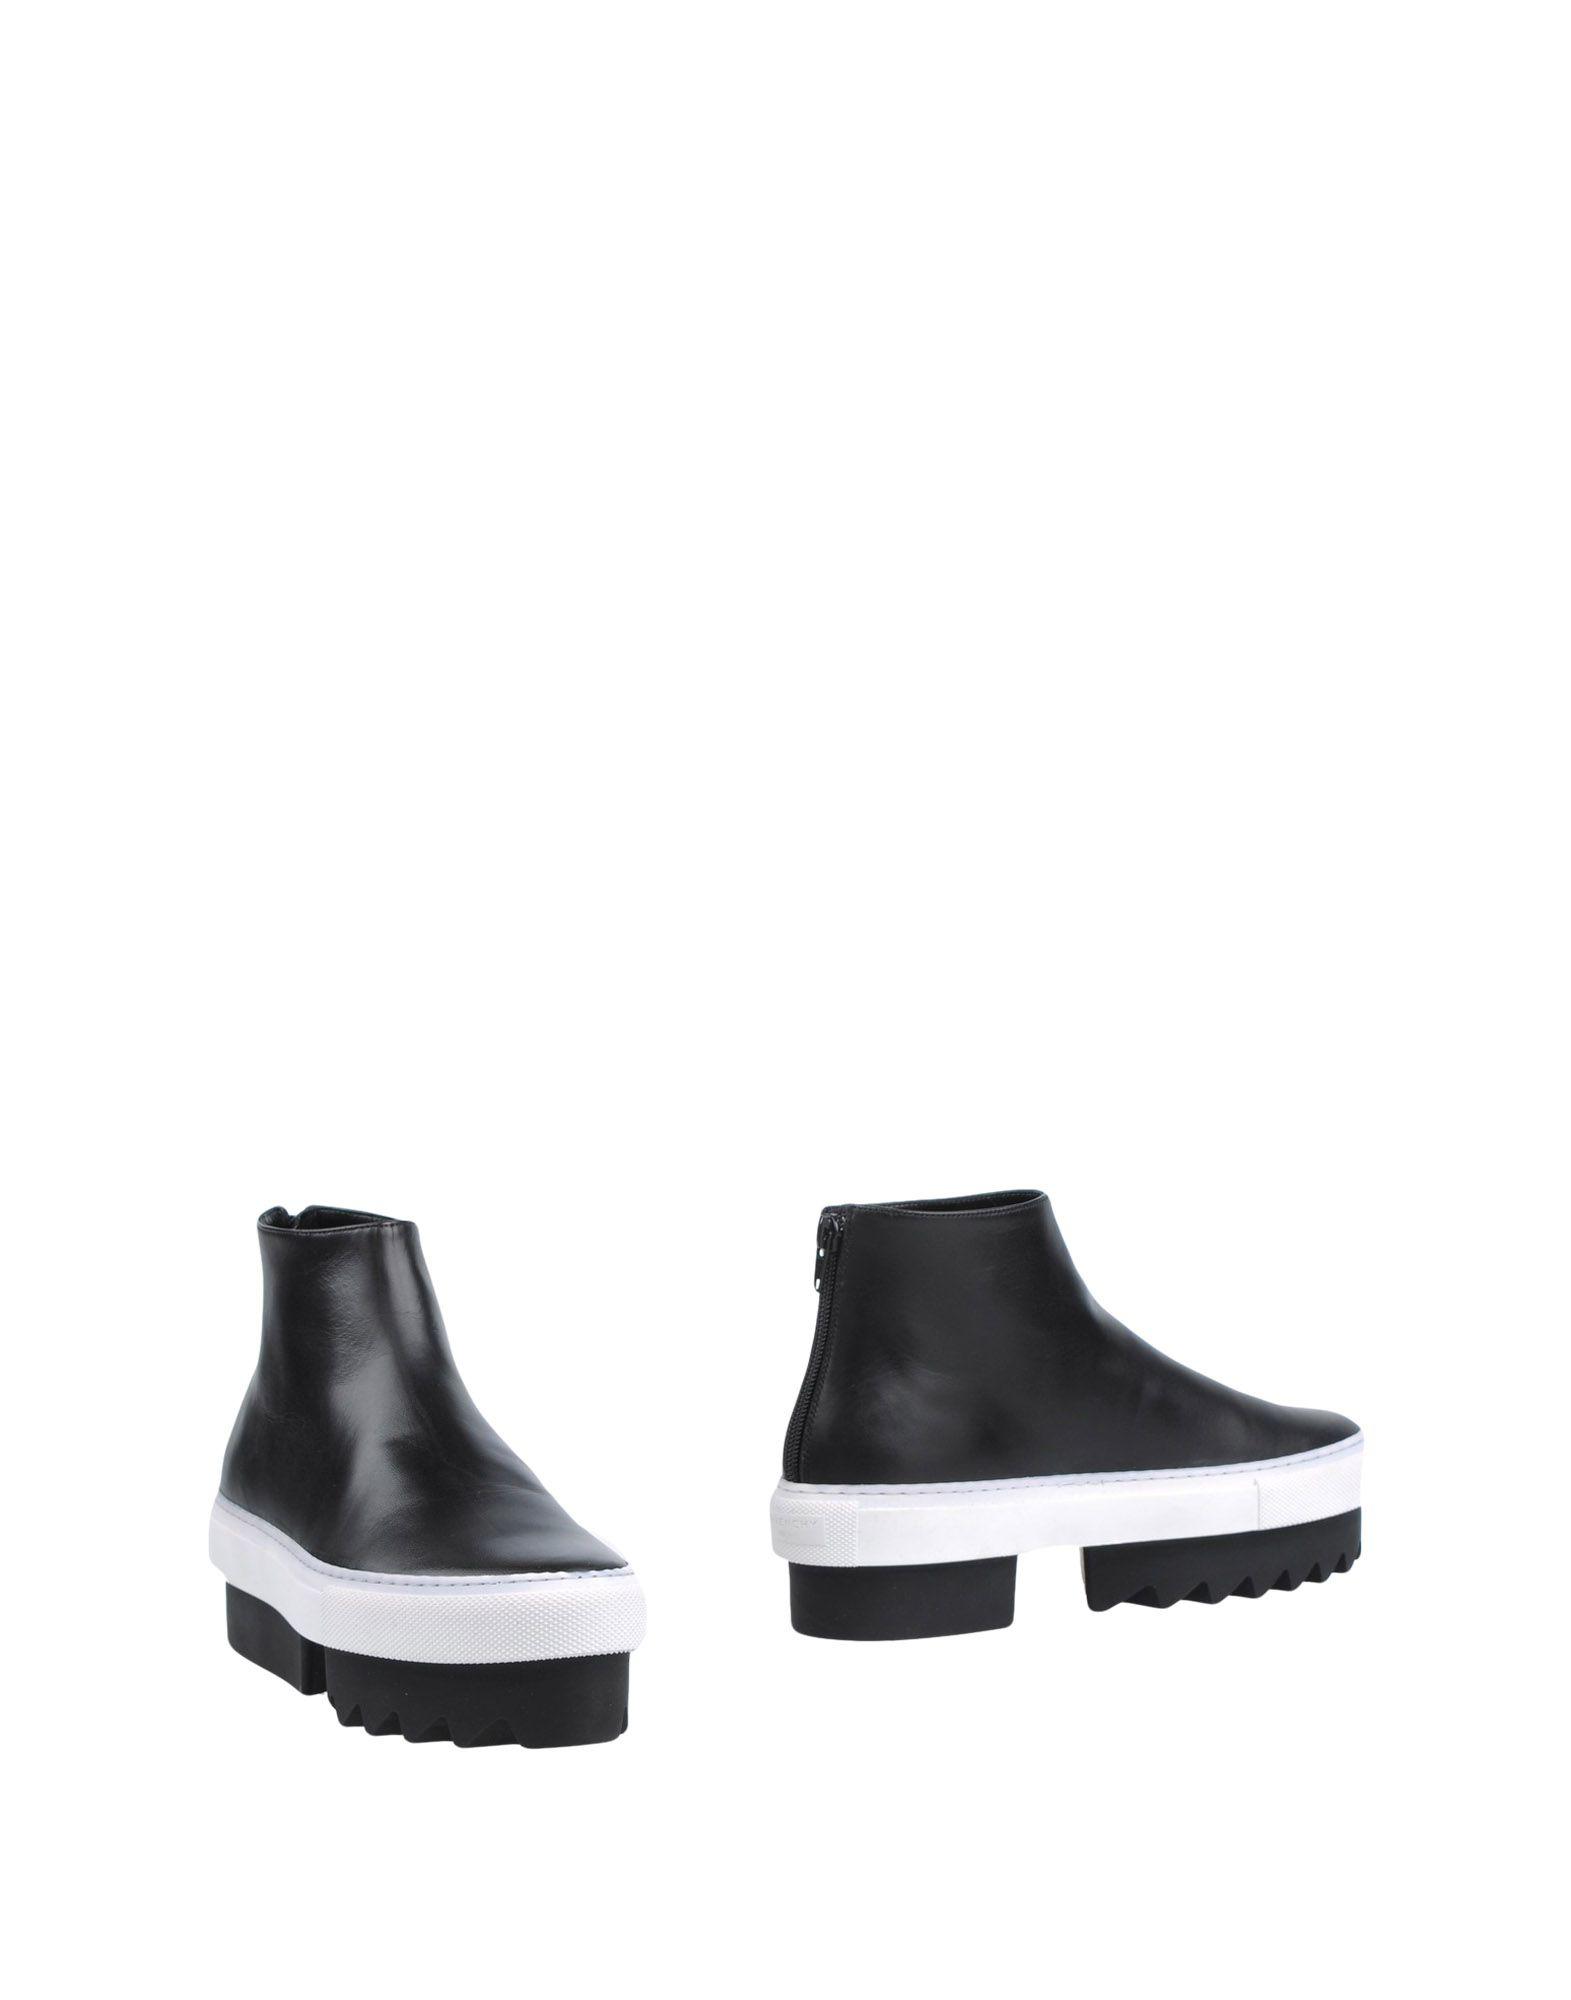 Givenchy Stiefelette 11331109VJGünstige Damen  11331109VJGünstige Stiefelette gut aussehende Schuhe a05ce9